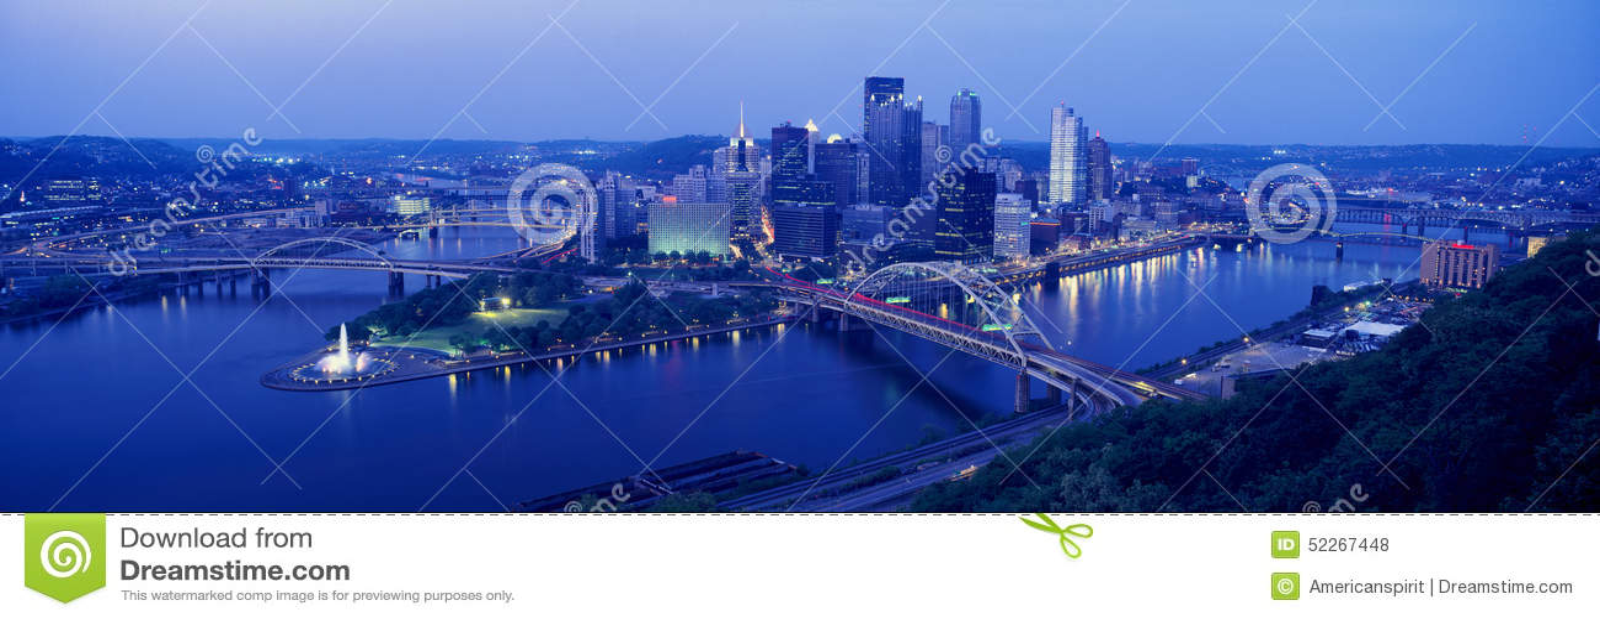 匹兹堡全景晚上与伦敦西区桥梁的视图, PA和Allegheny、Monongahela和俄亥俄河